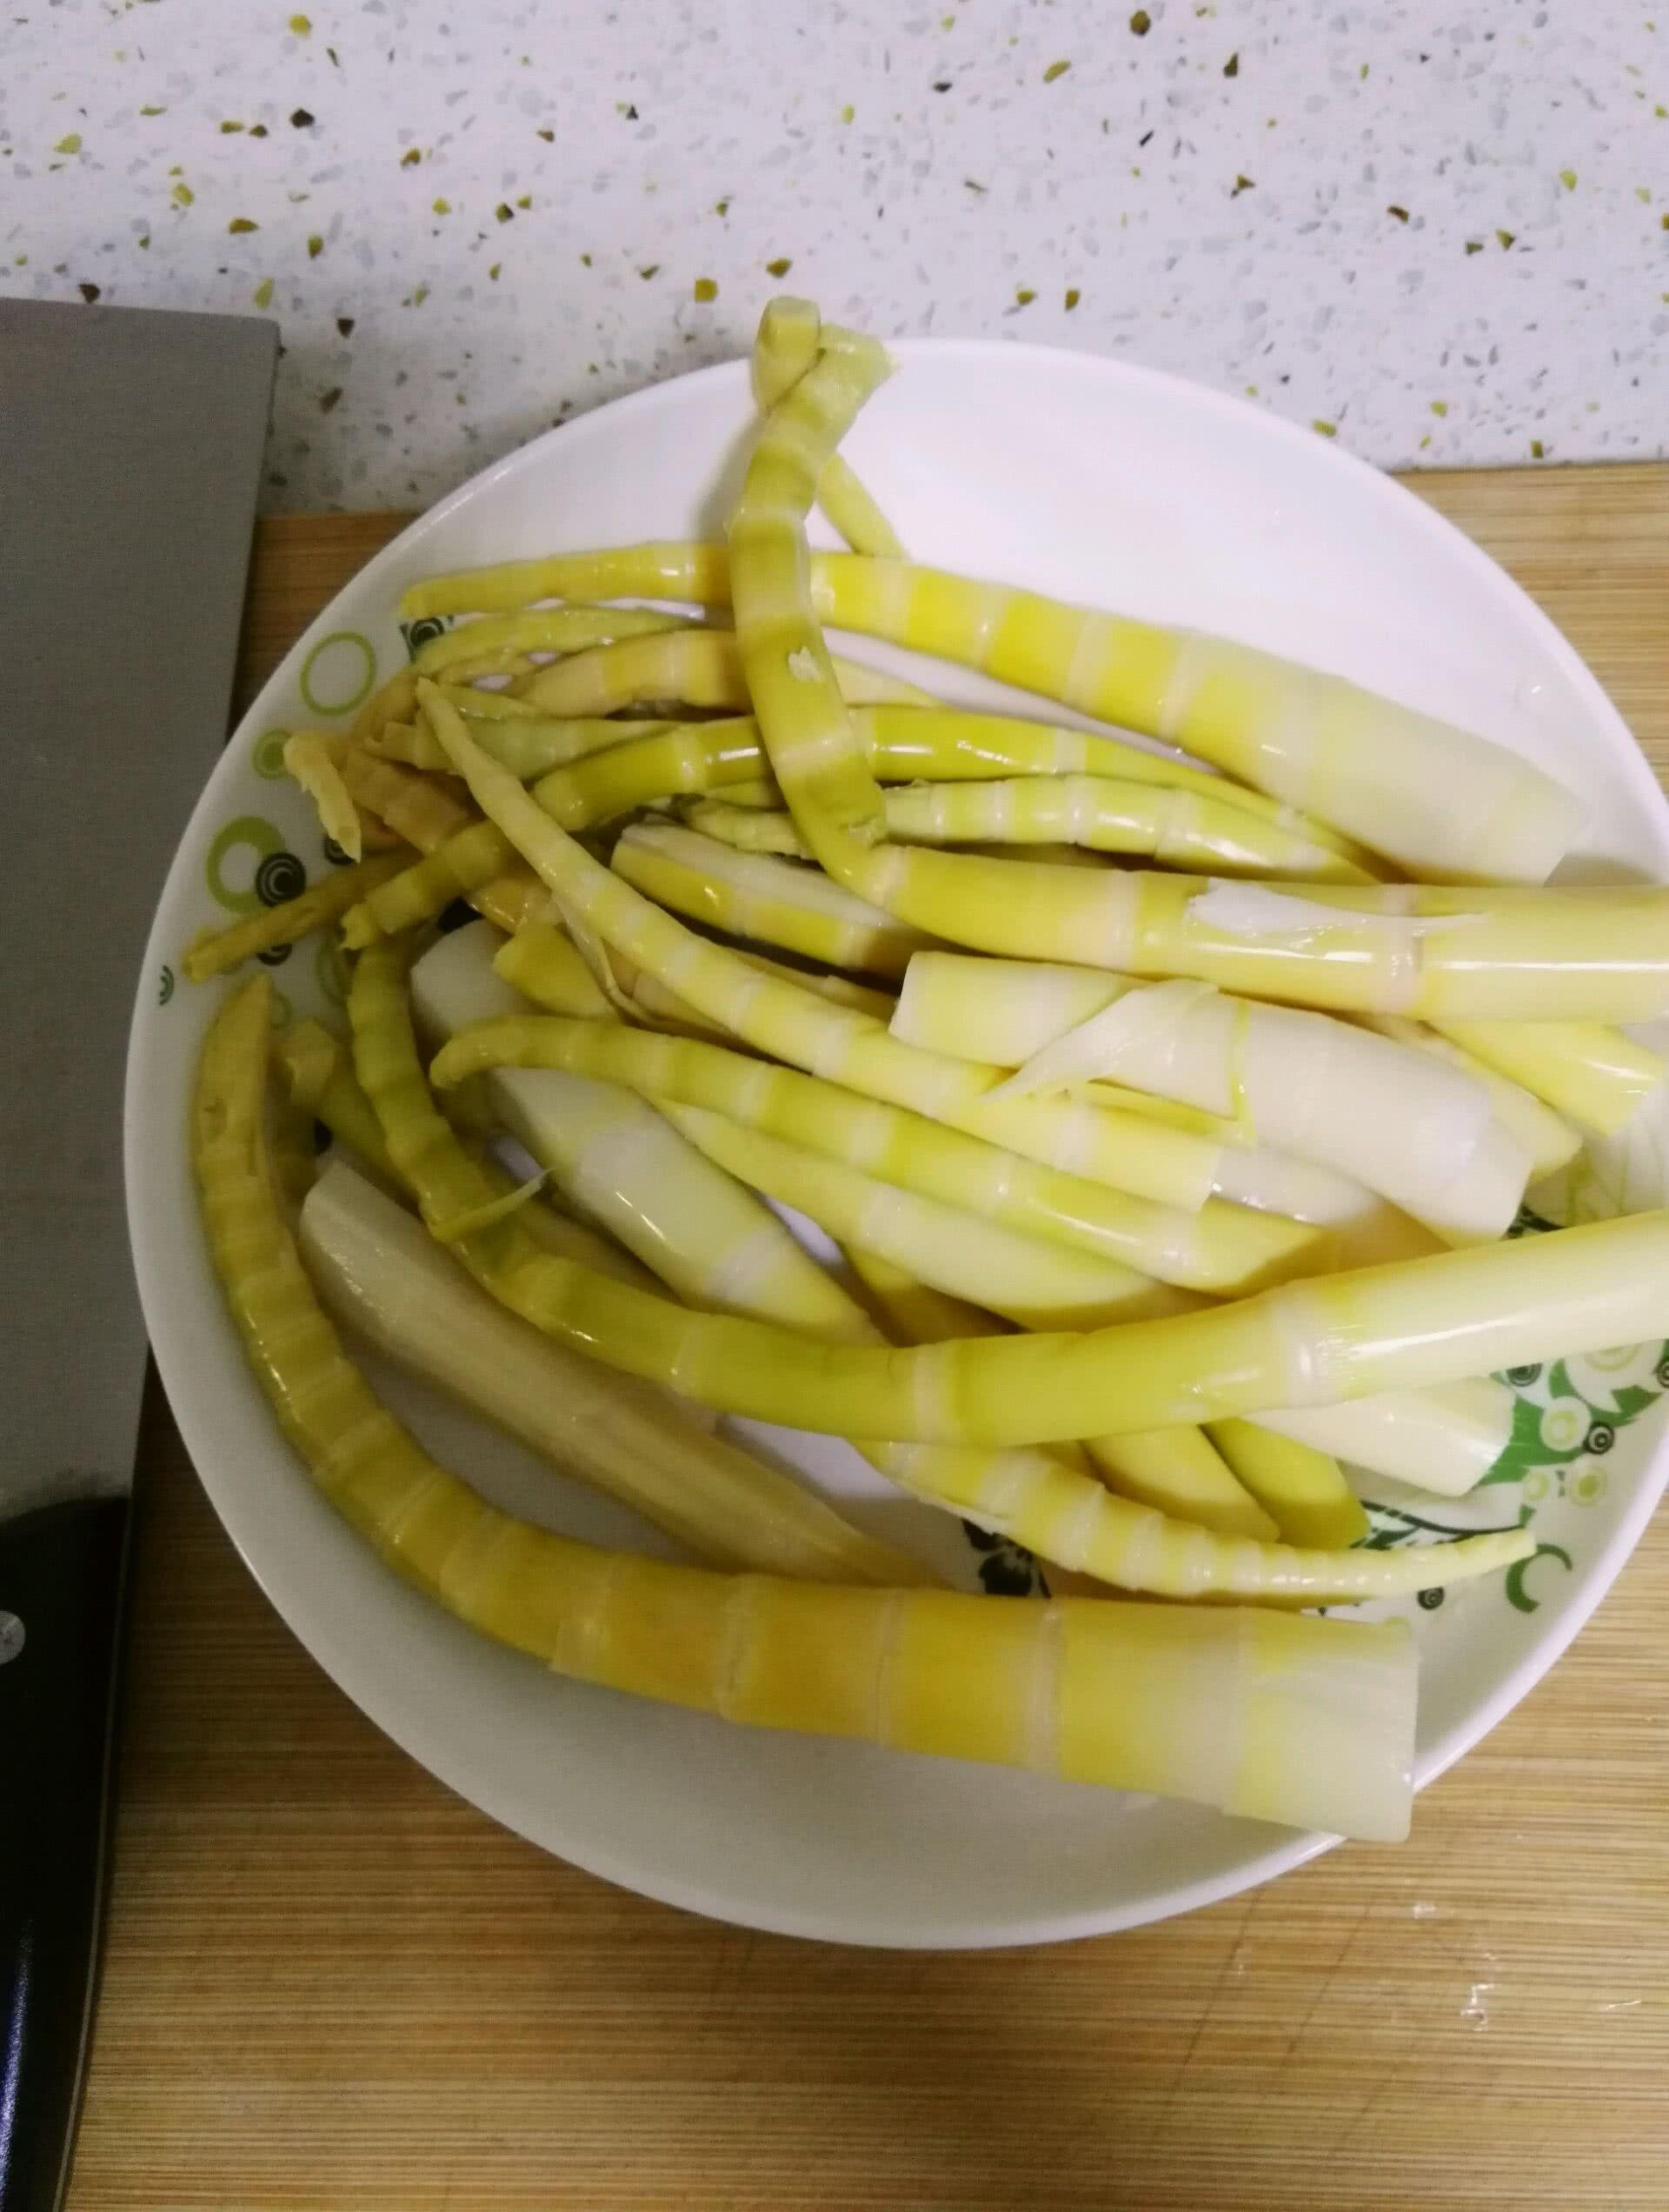 竹笋炒肉的做法步骤